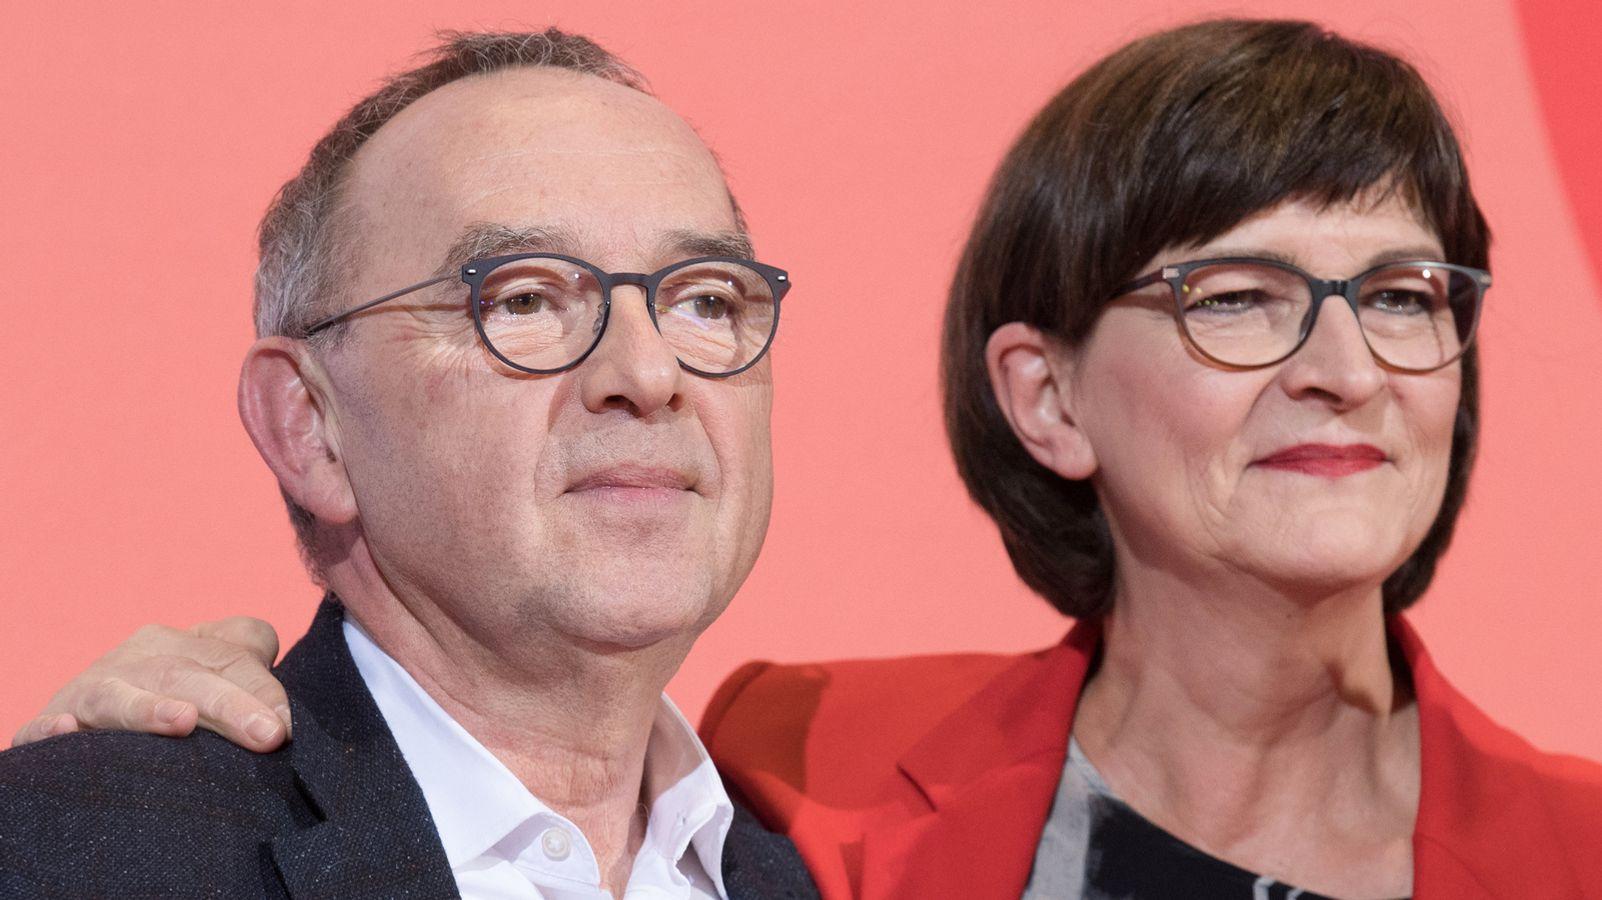 ARD-DeutschlandTrend: SPD gewinnt nicht durch neue Spitze